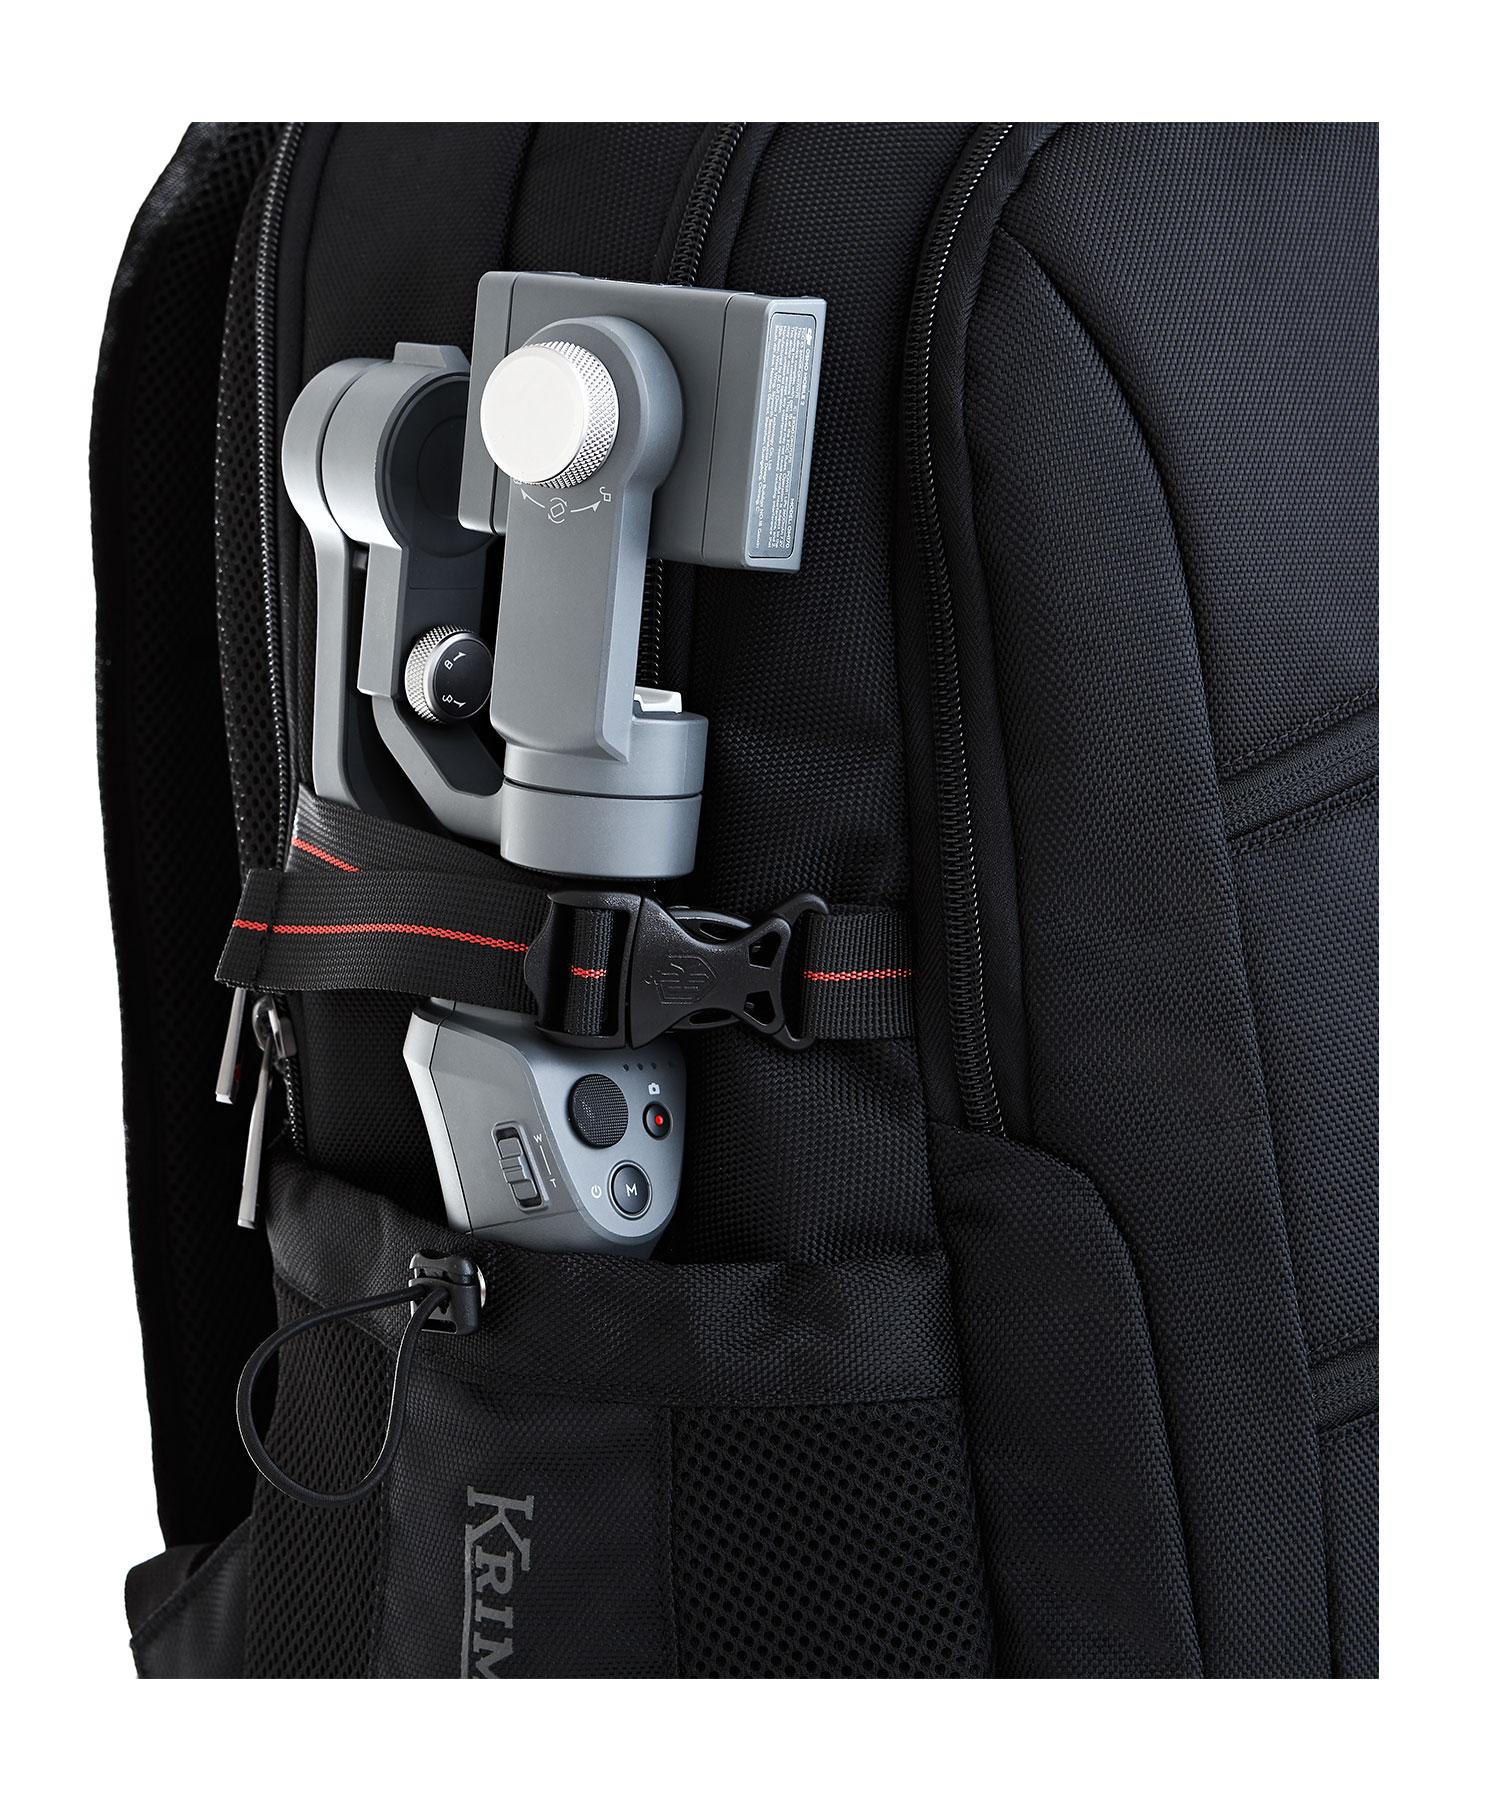 krimcode backpack side pocket